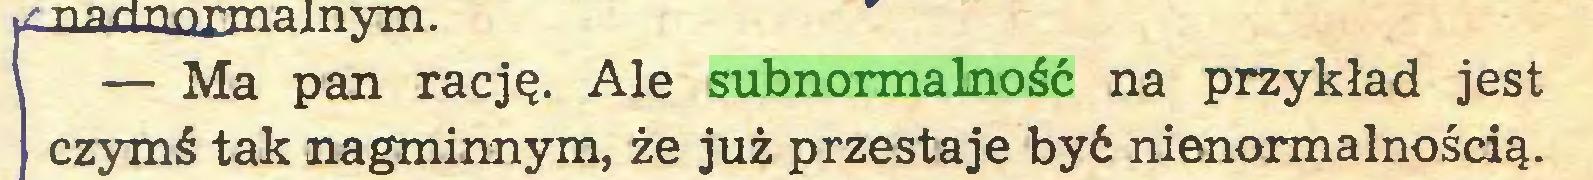 (...) — Ma pan rację. Ale subnormalność na przykład jest czymś tak nagminnym, że już przestaje być nienormalnością...